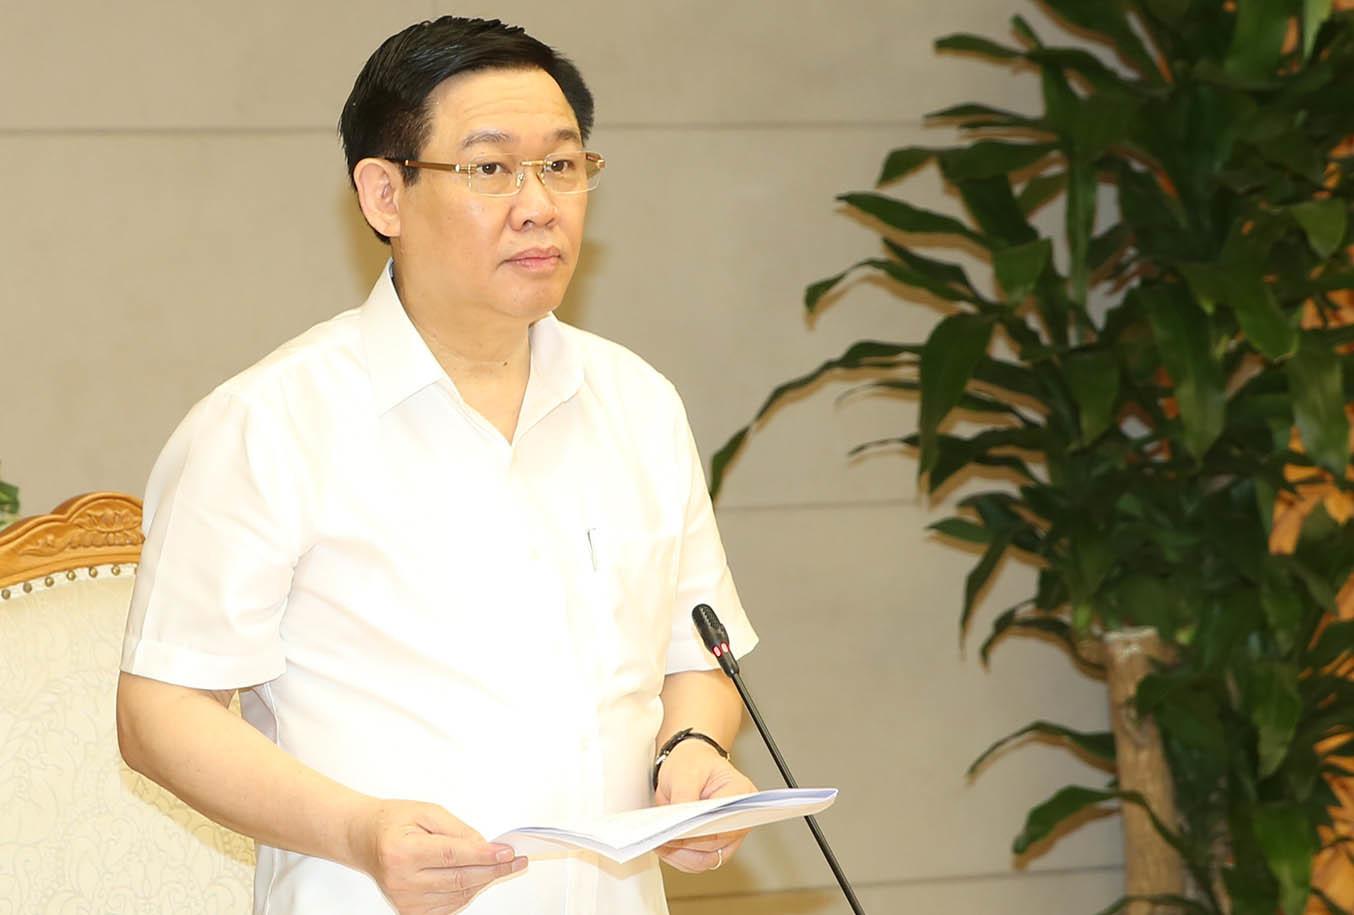 giá điện,tăng giá điện,Phó Thủ tướng,Vương Đình Huệ,CPI